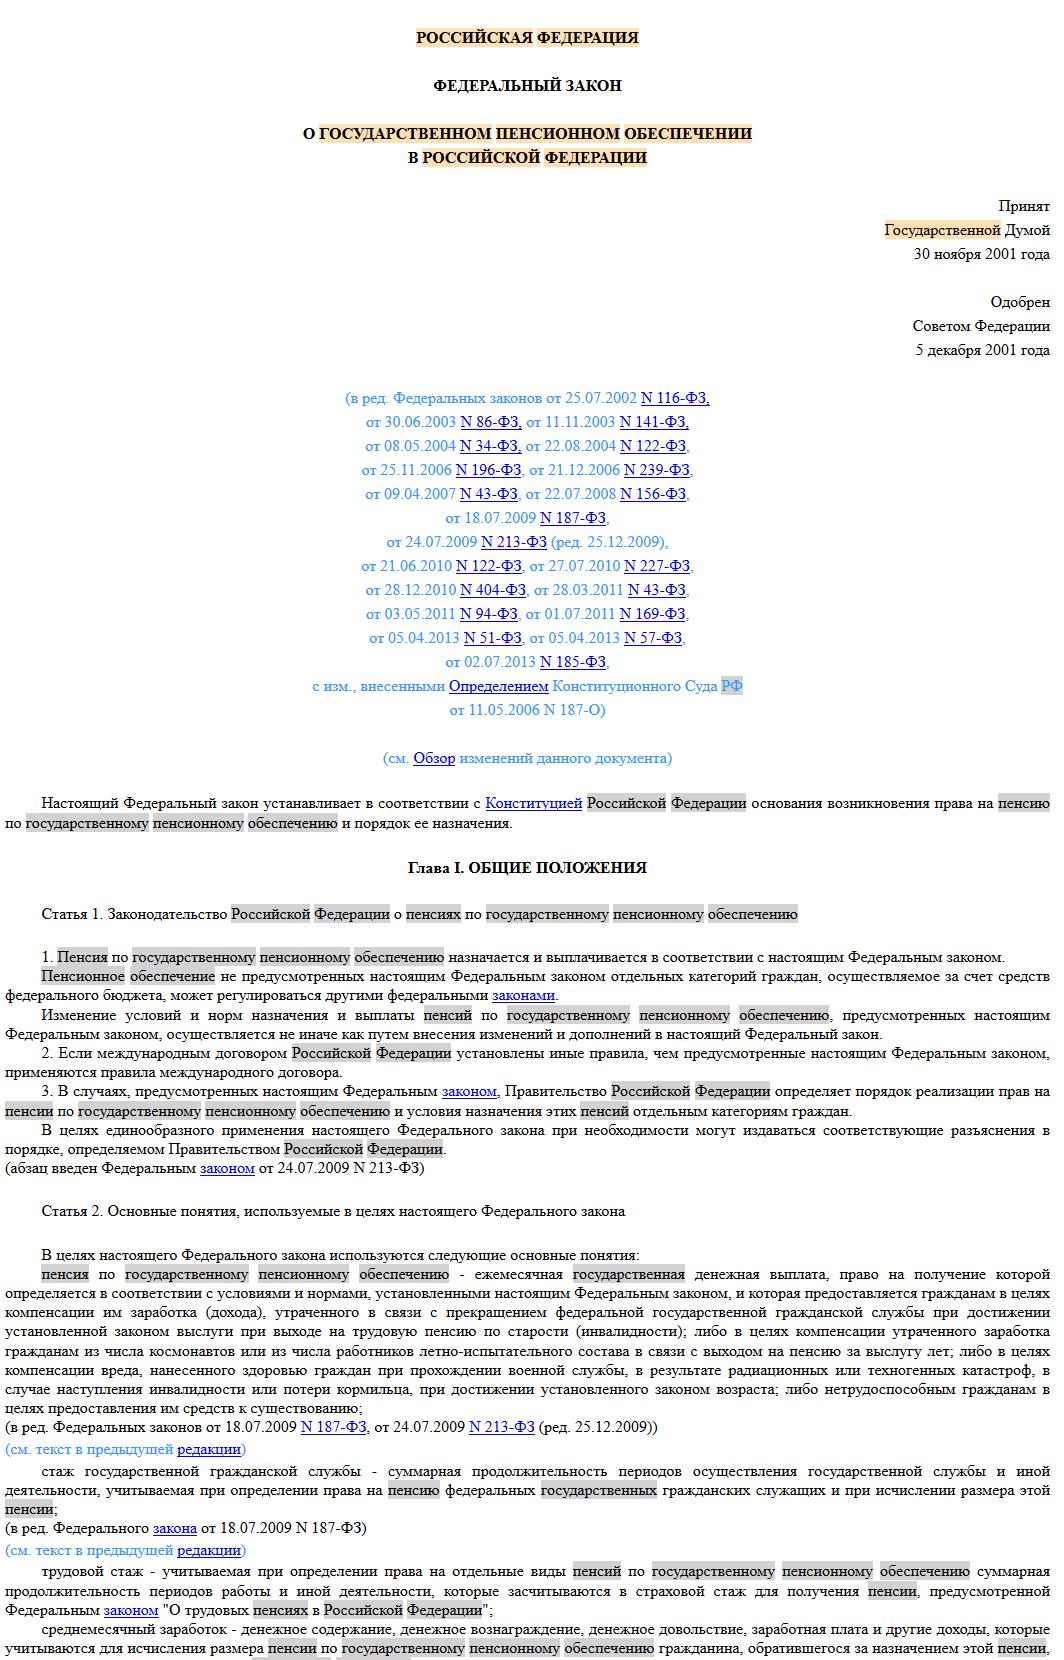 http://investments.academic.ru/pictures/investments/img1988370_O_gosudarstvennom_pensionnom_obespechenii_v_Rossiyskoy_Federatsii.png